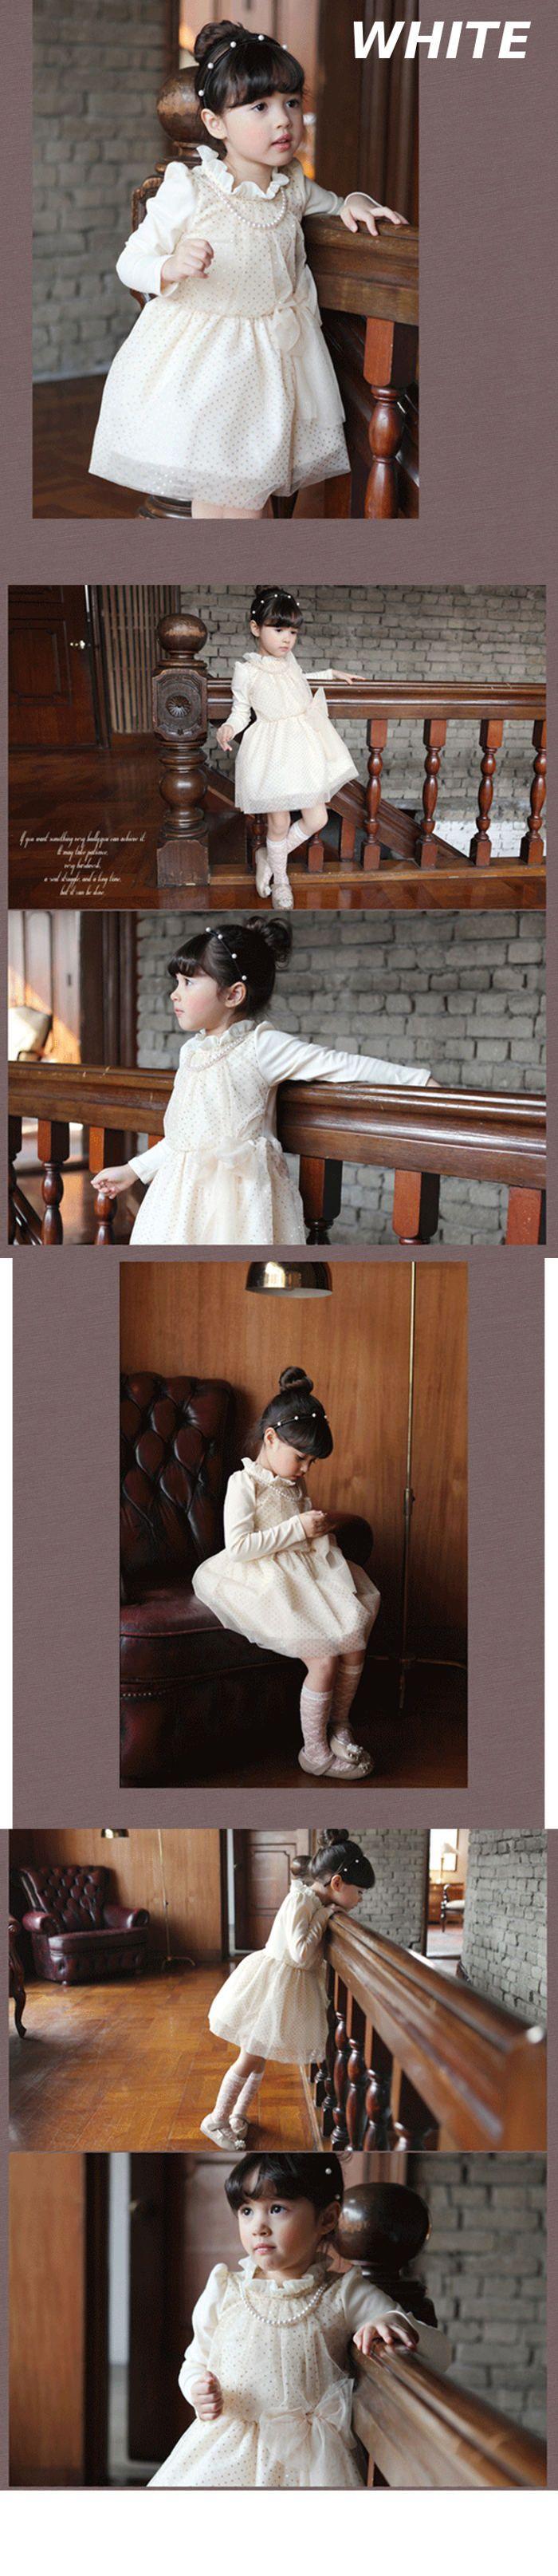 子供服 韓国 おしゃれ 結婚式 ドレス フォーマル 安い 発表会 七 :GF47:LRキッズパーティー - 通販 - Yahoo!ショッピング